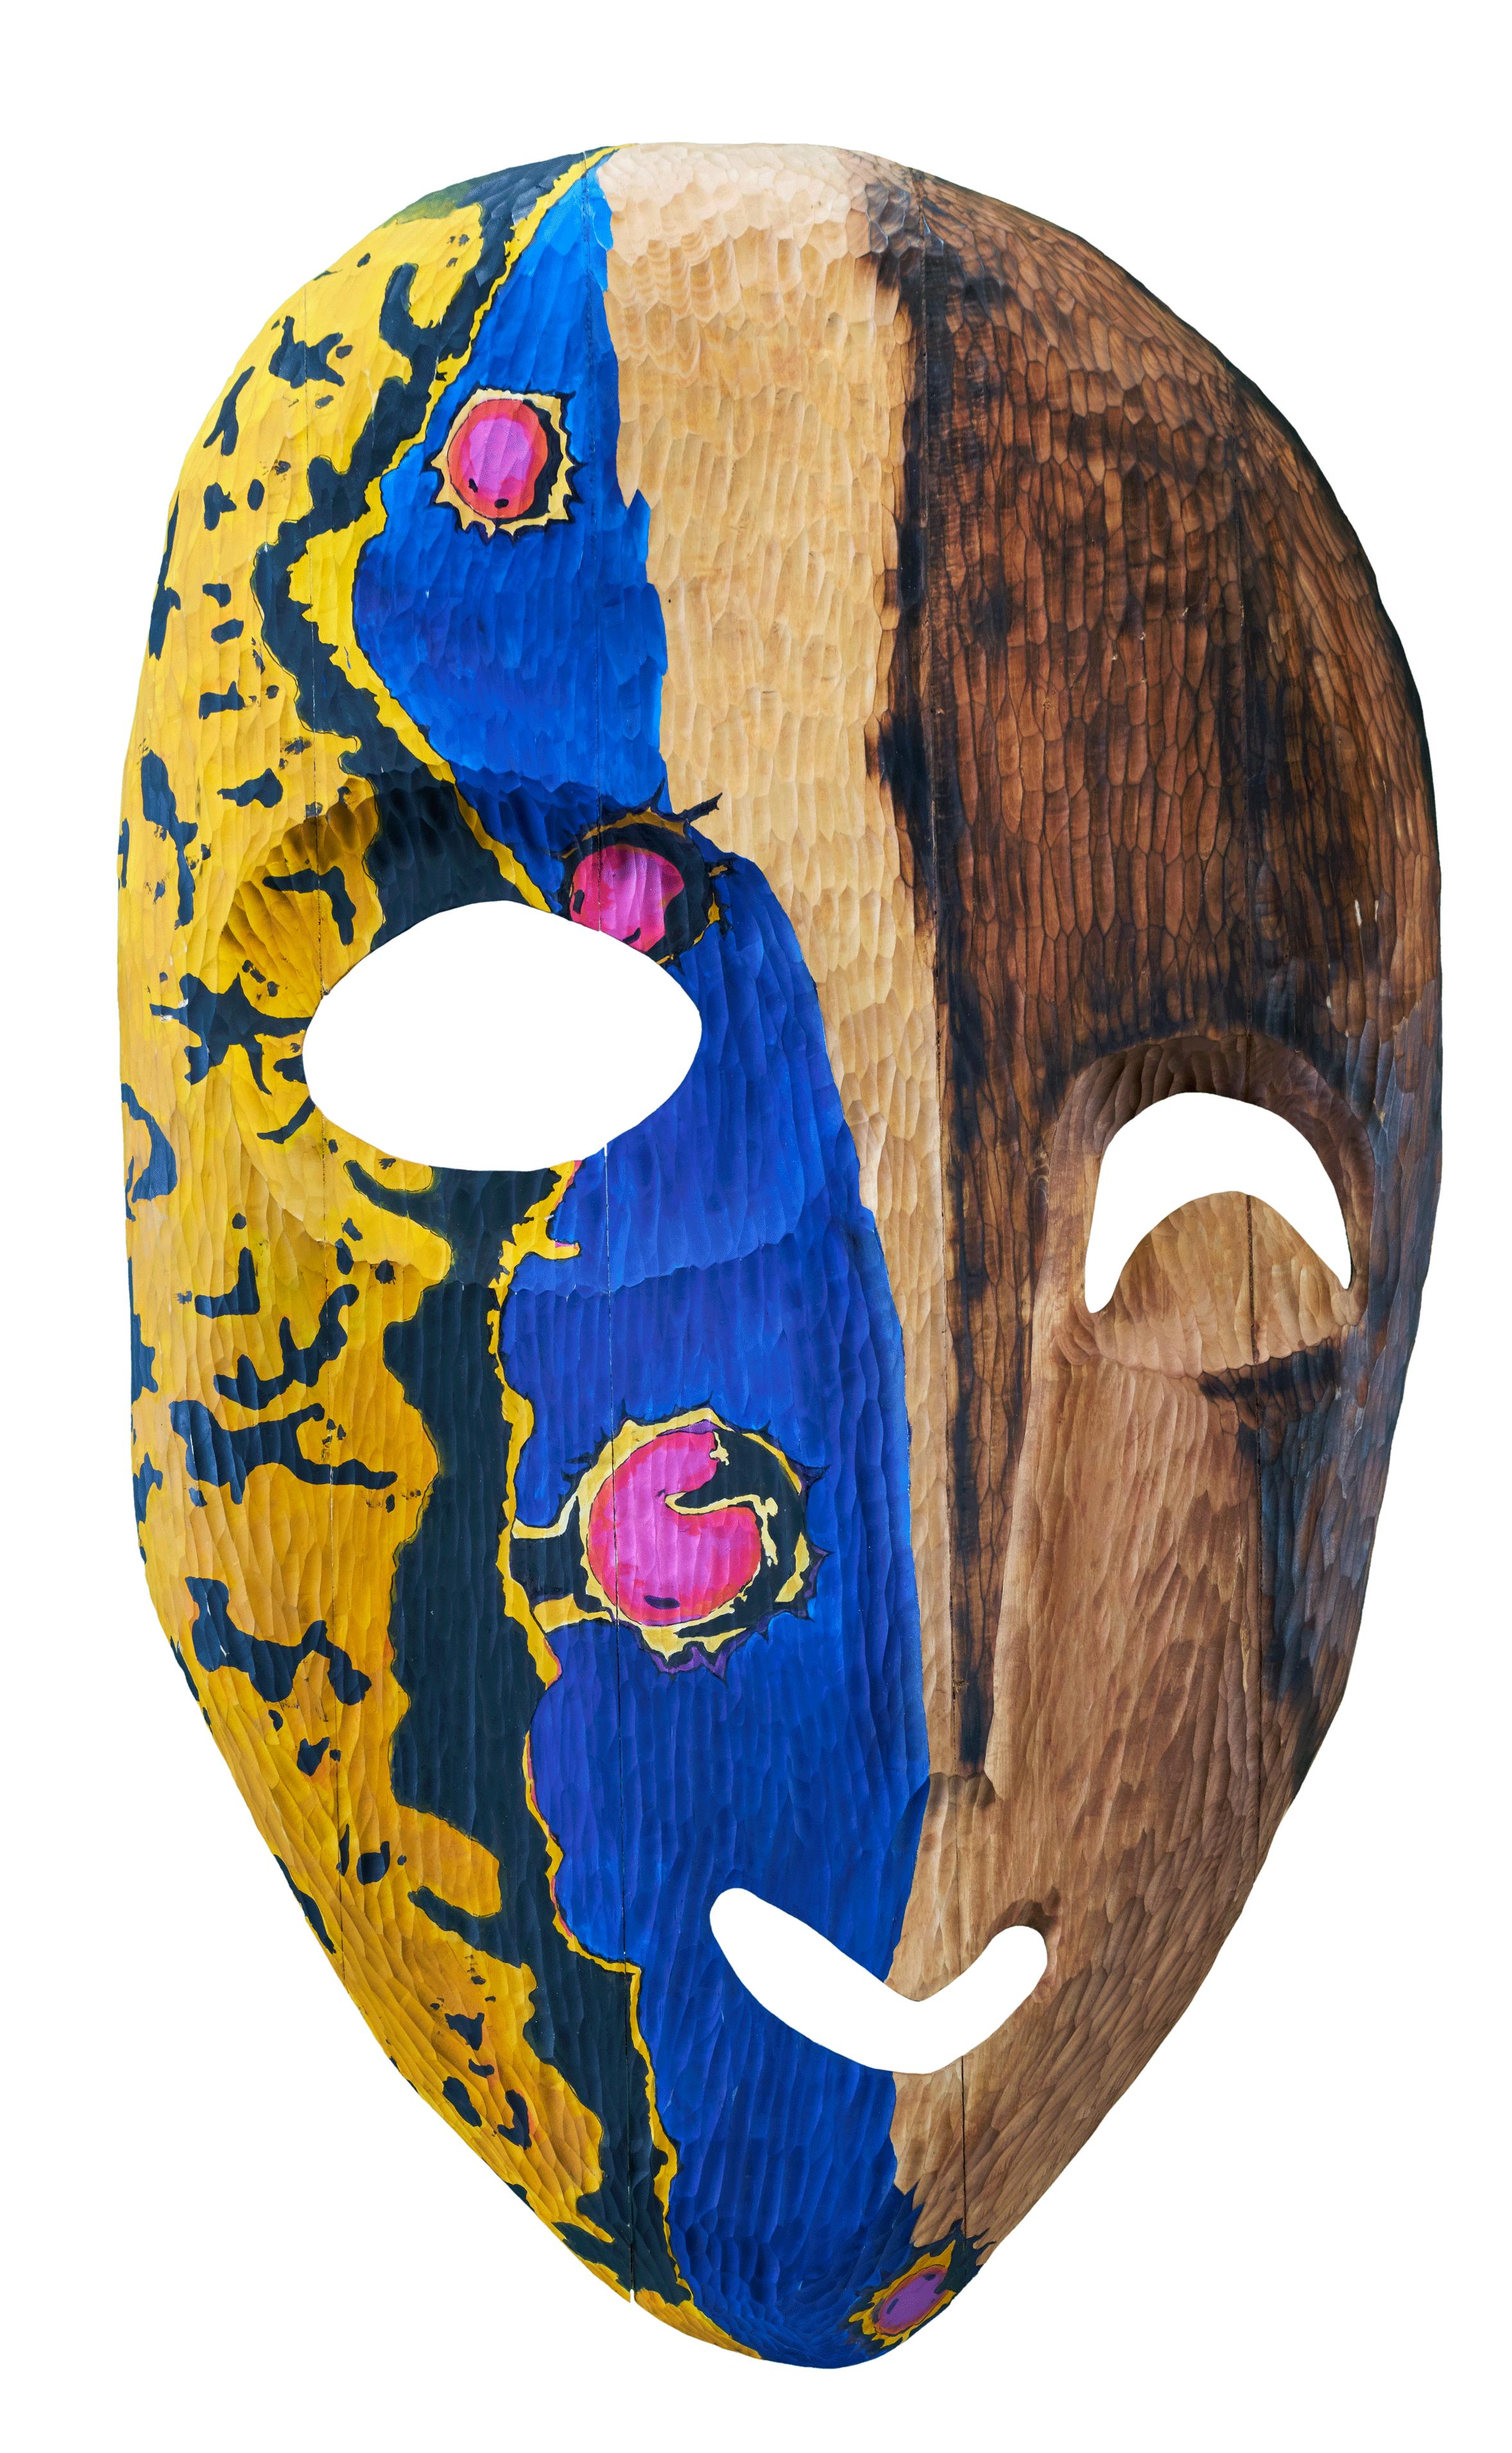 H.I.V. Mask frontview